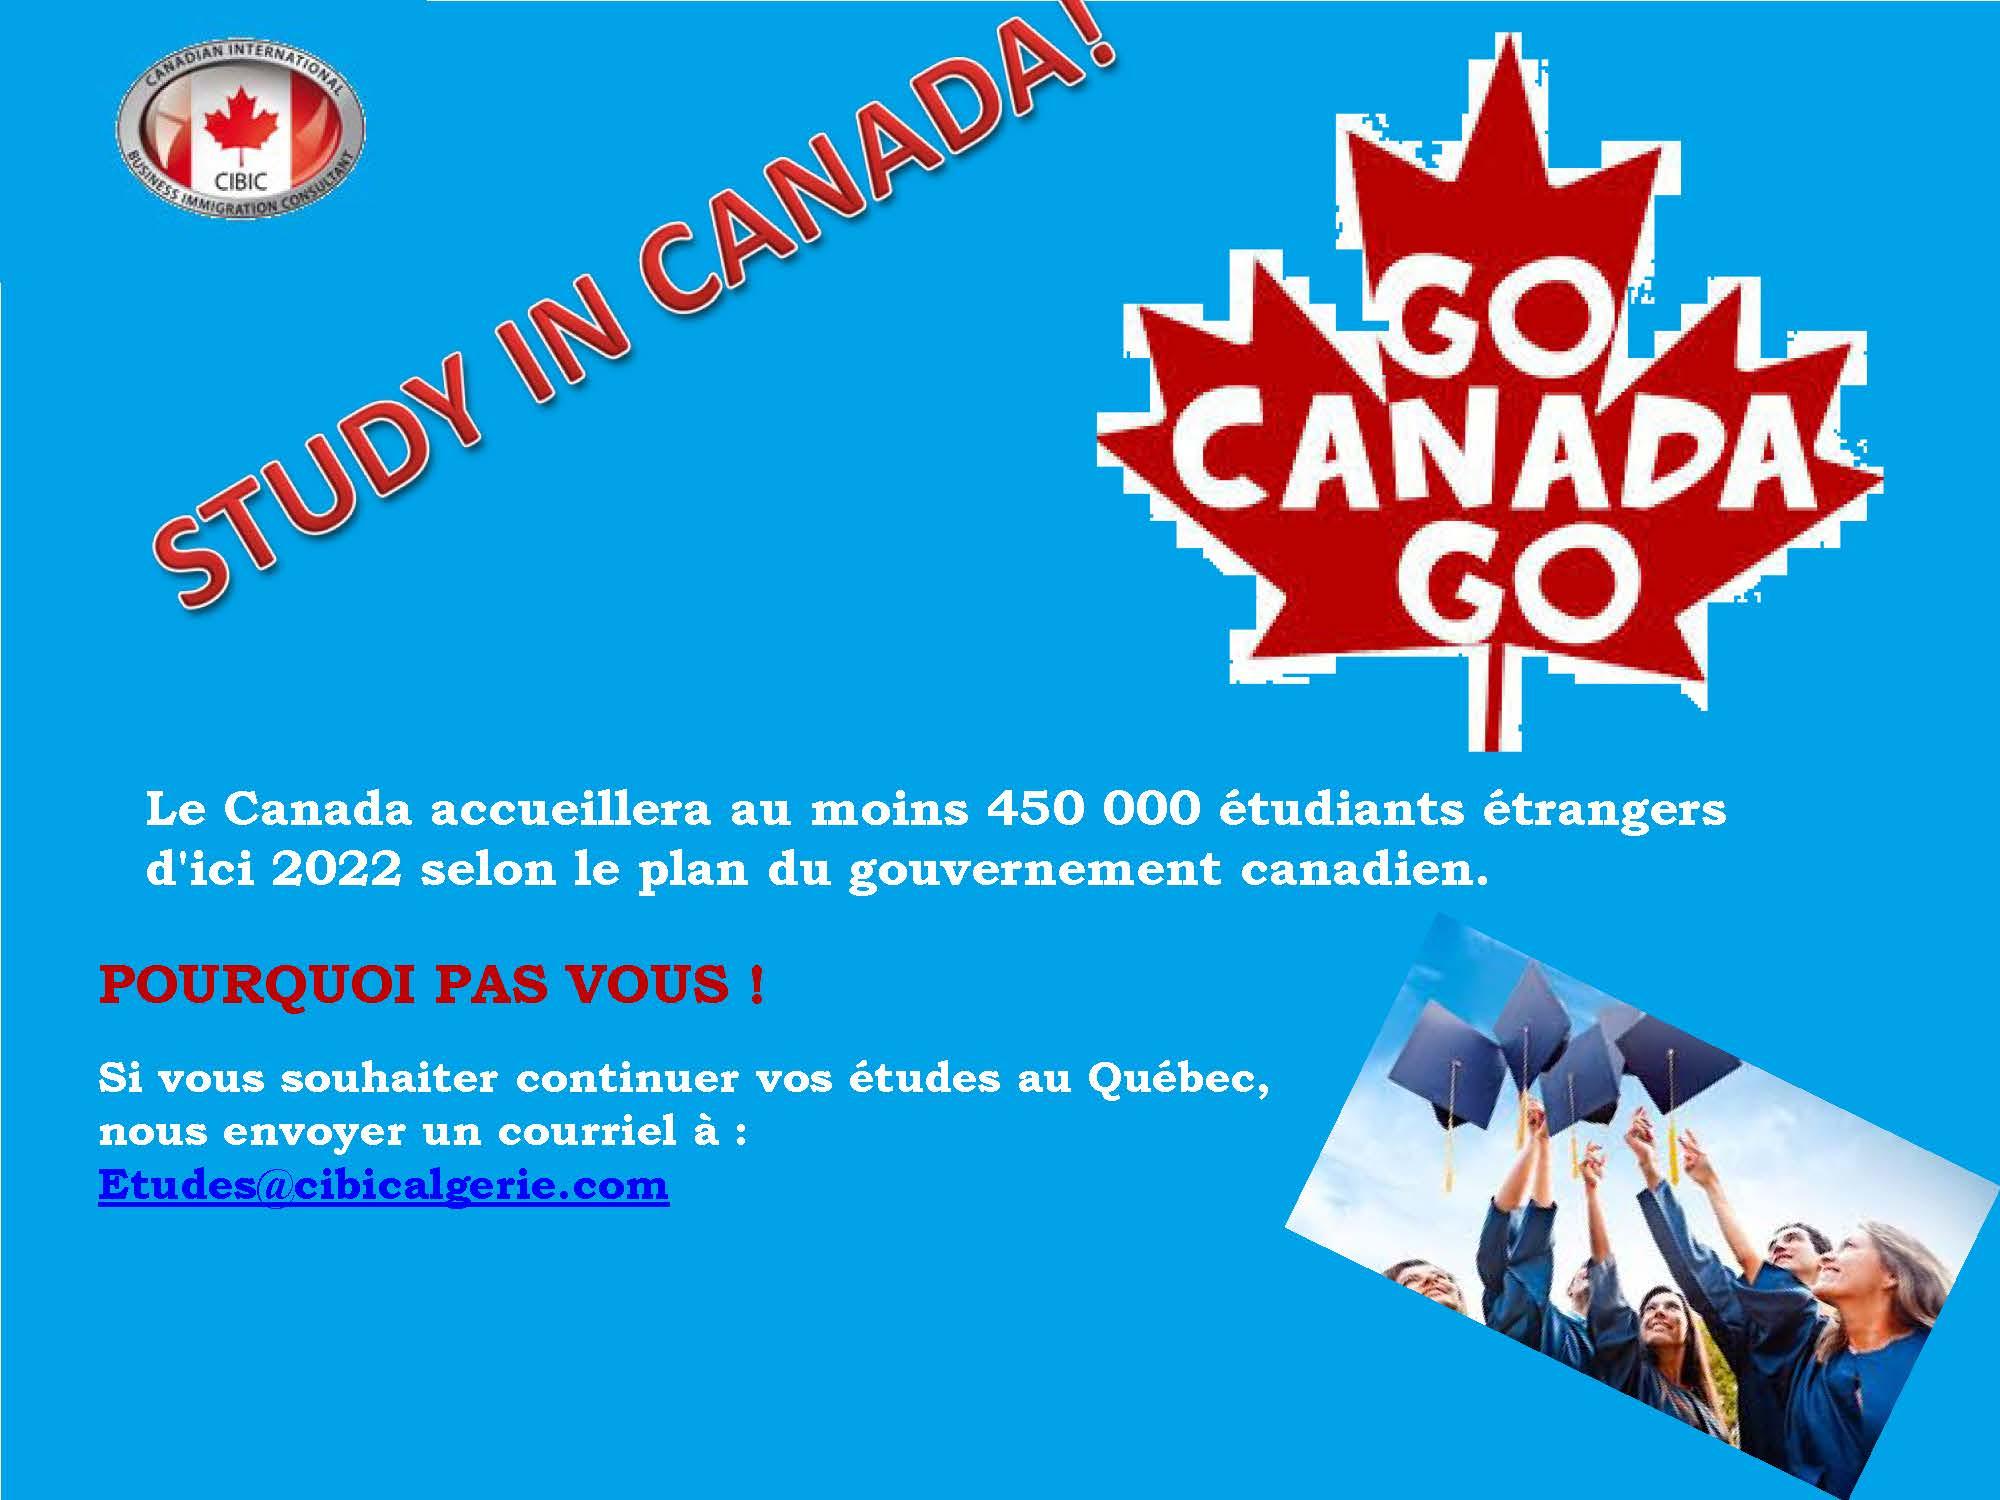 ÉTUDIER AU CANADA